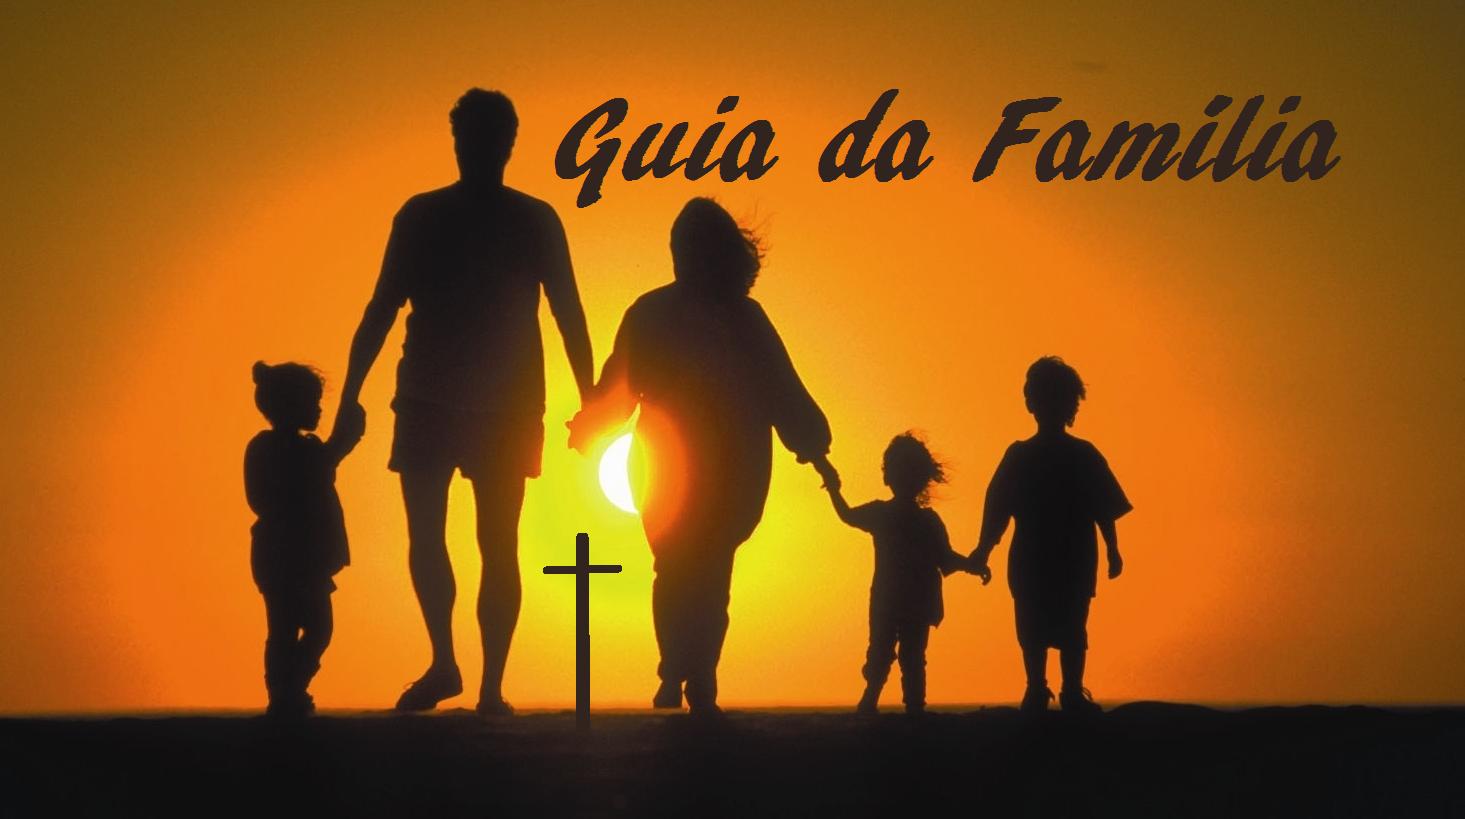 Guia da Família